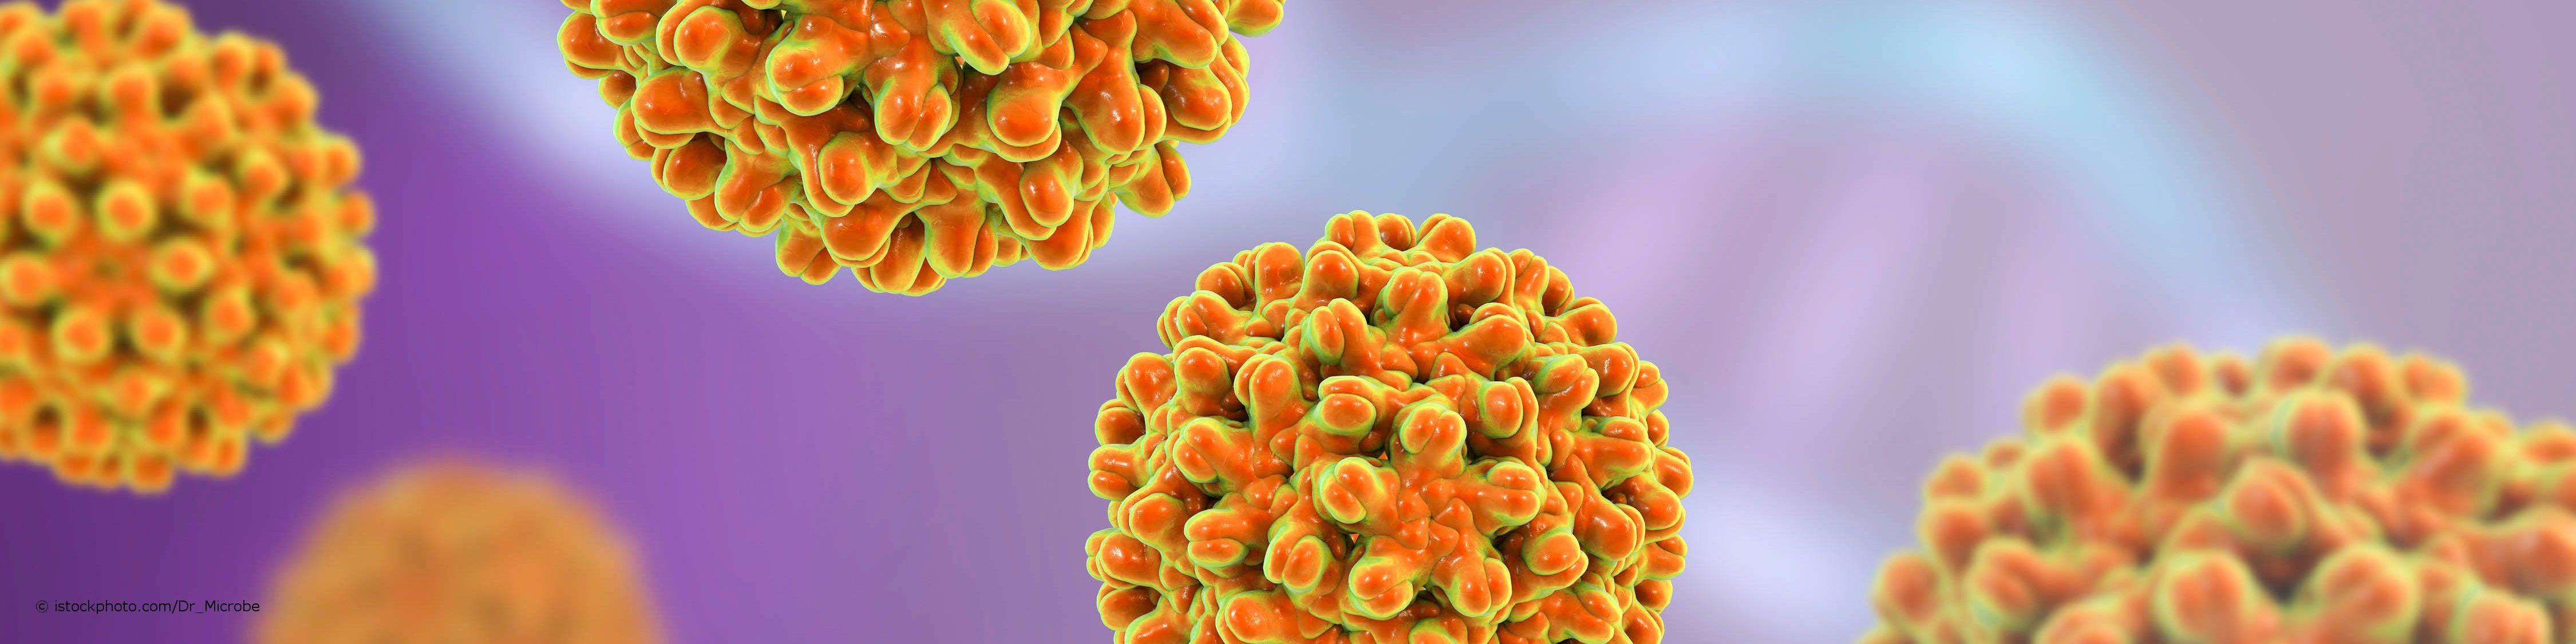 Das Hepatitis B-Virus kommt weltweit vor. Eine Infektion ist meldepflichtig.